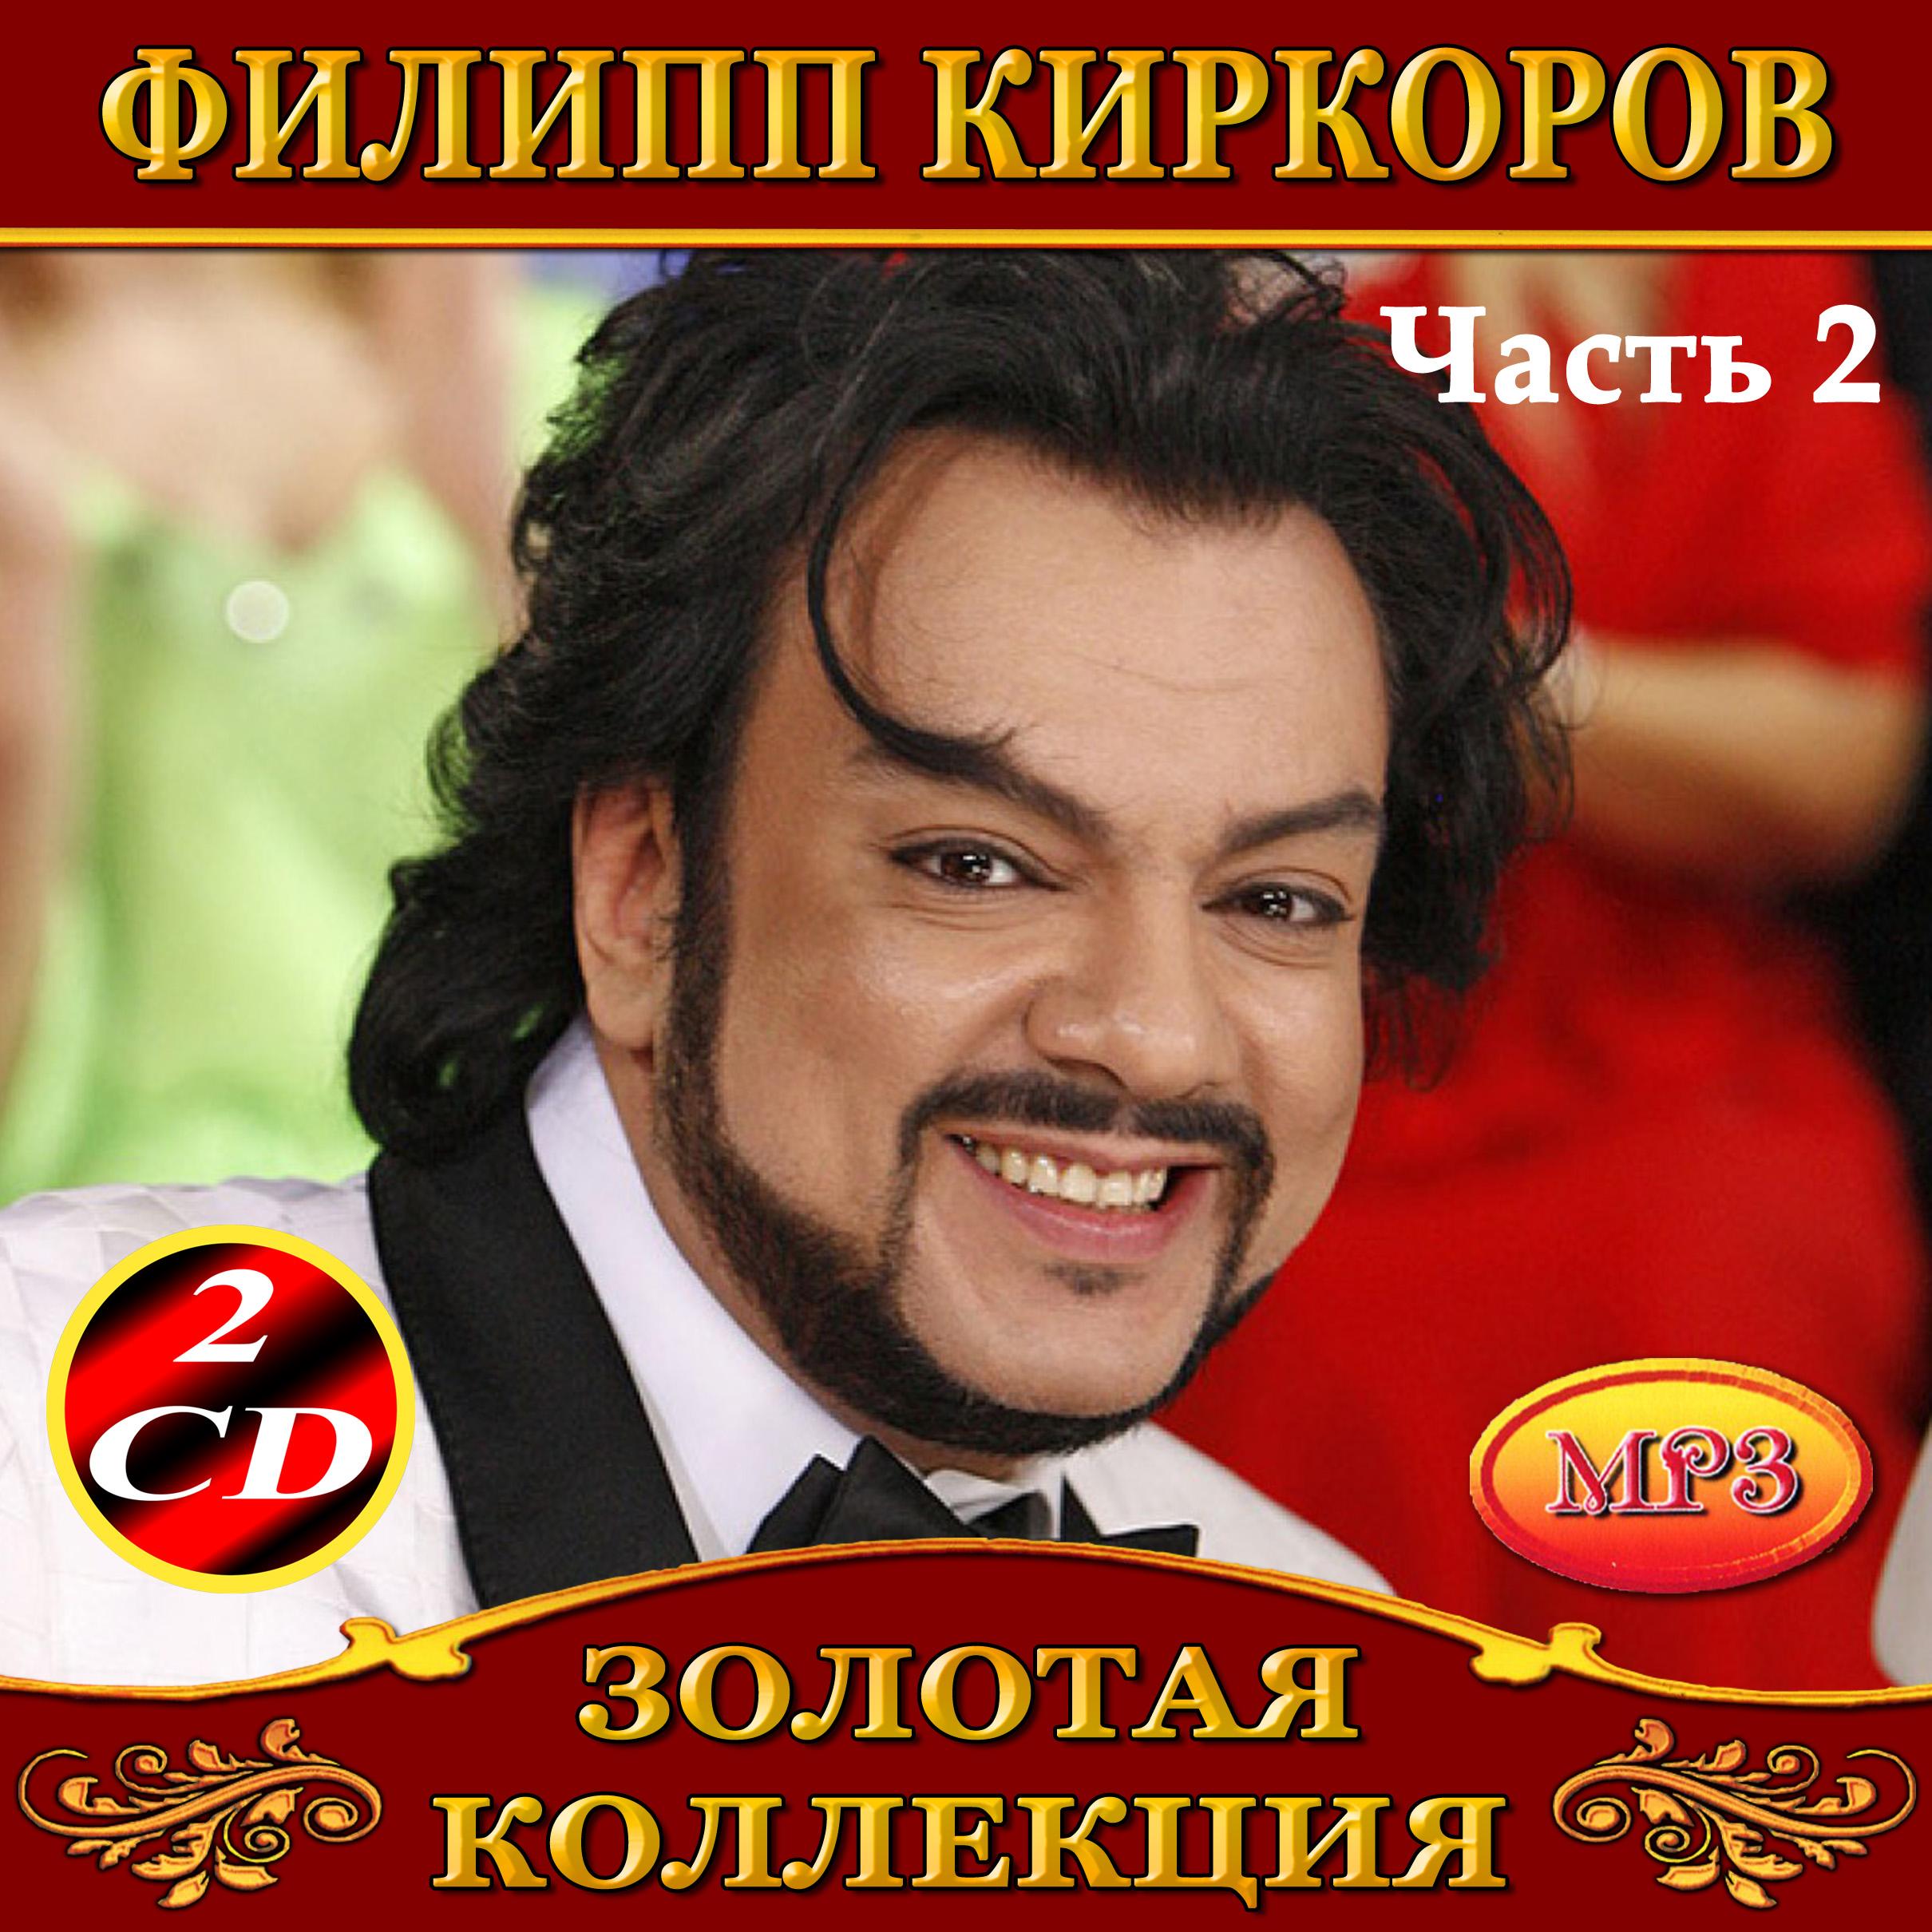 Филипп Киркоров 2ч 2cd [mp3]